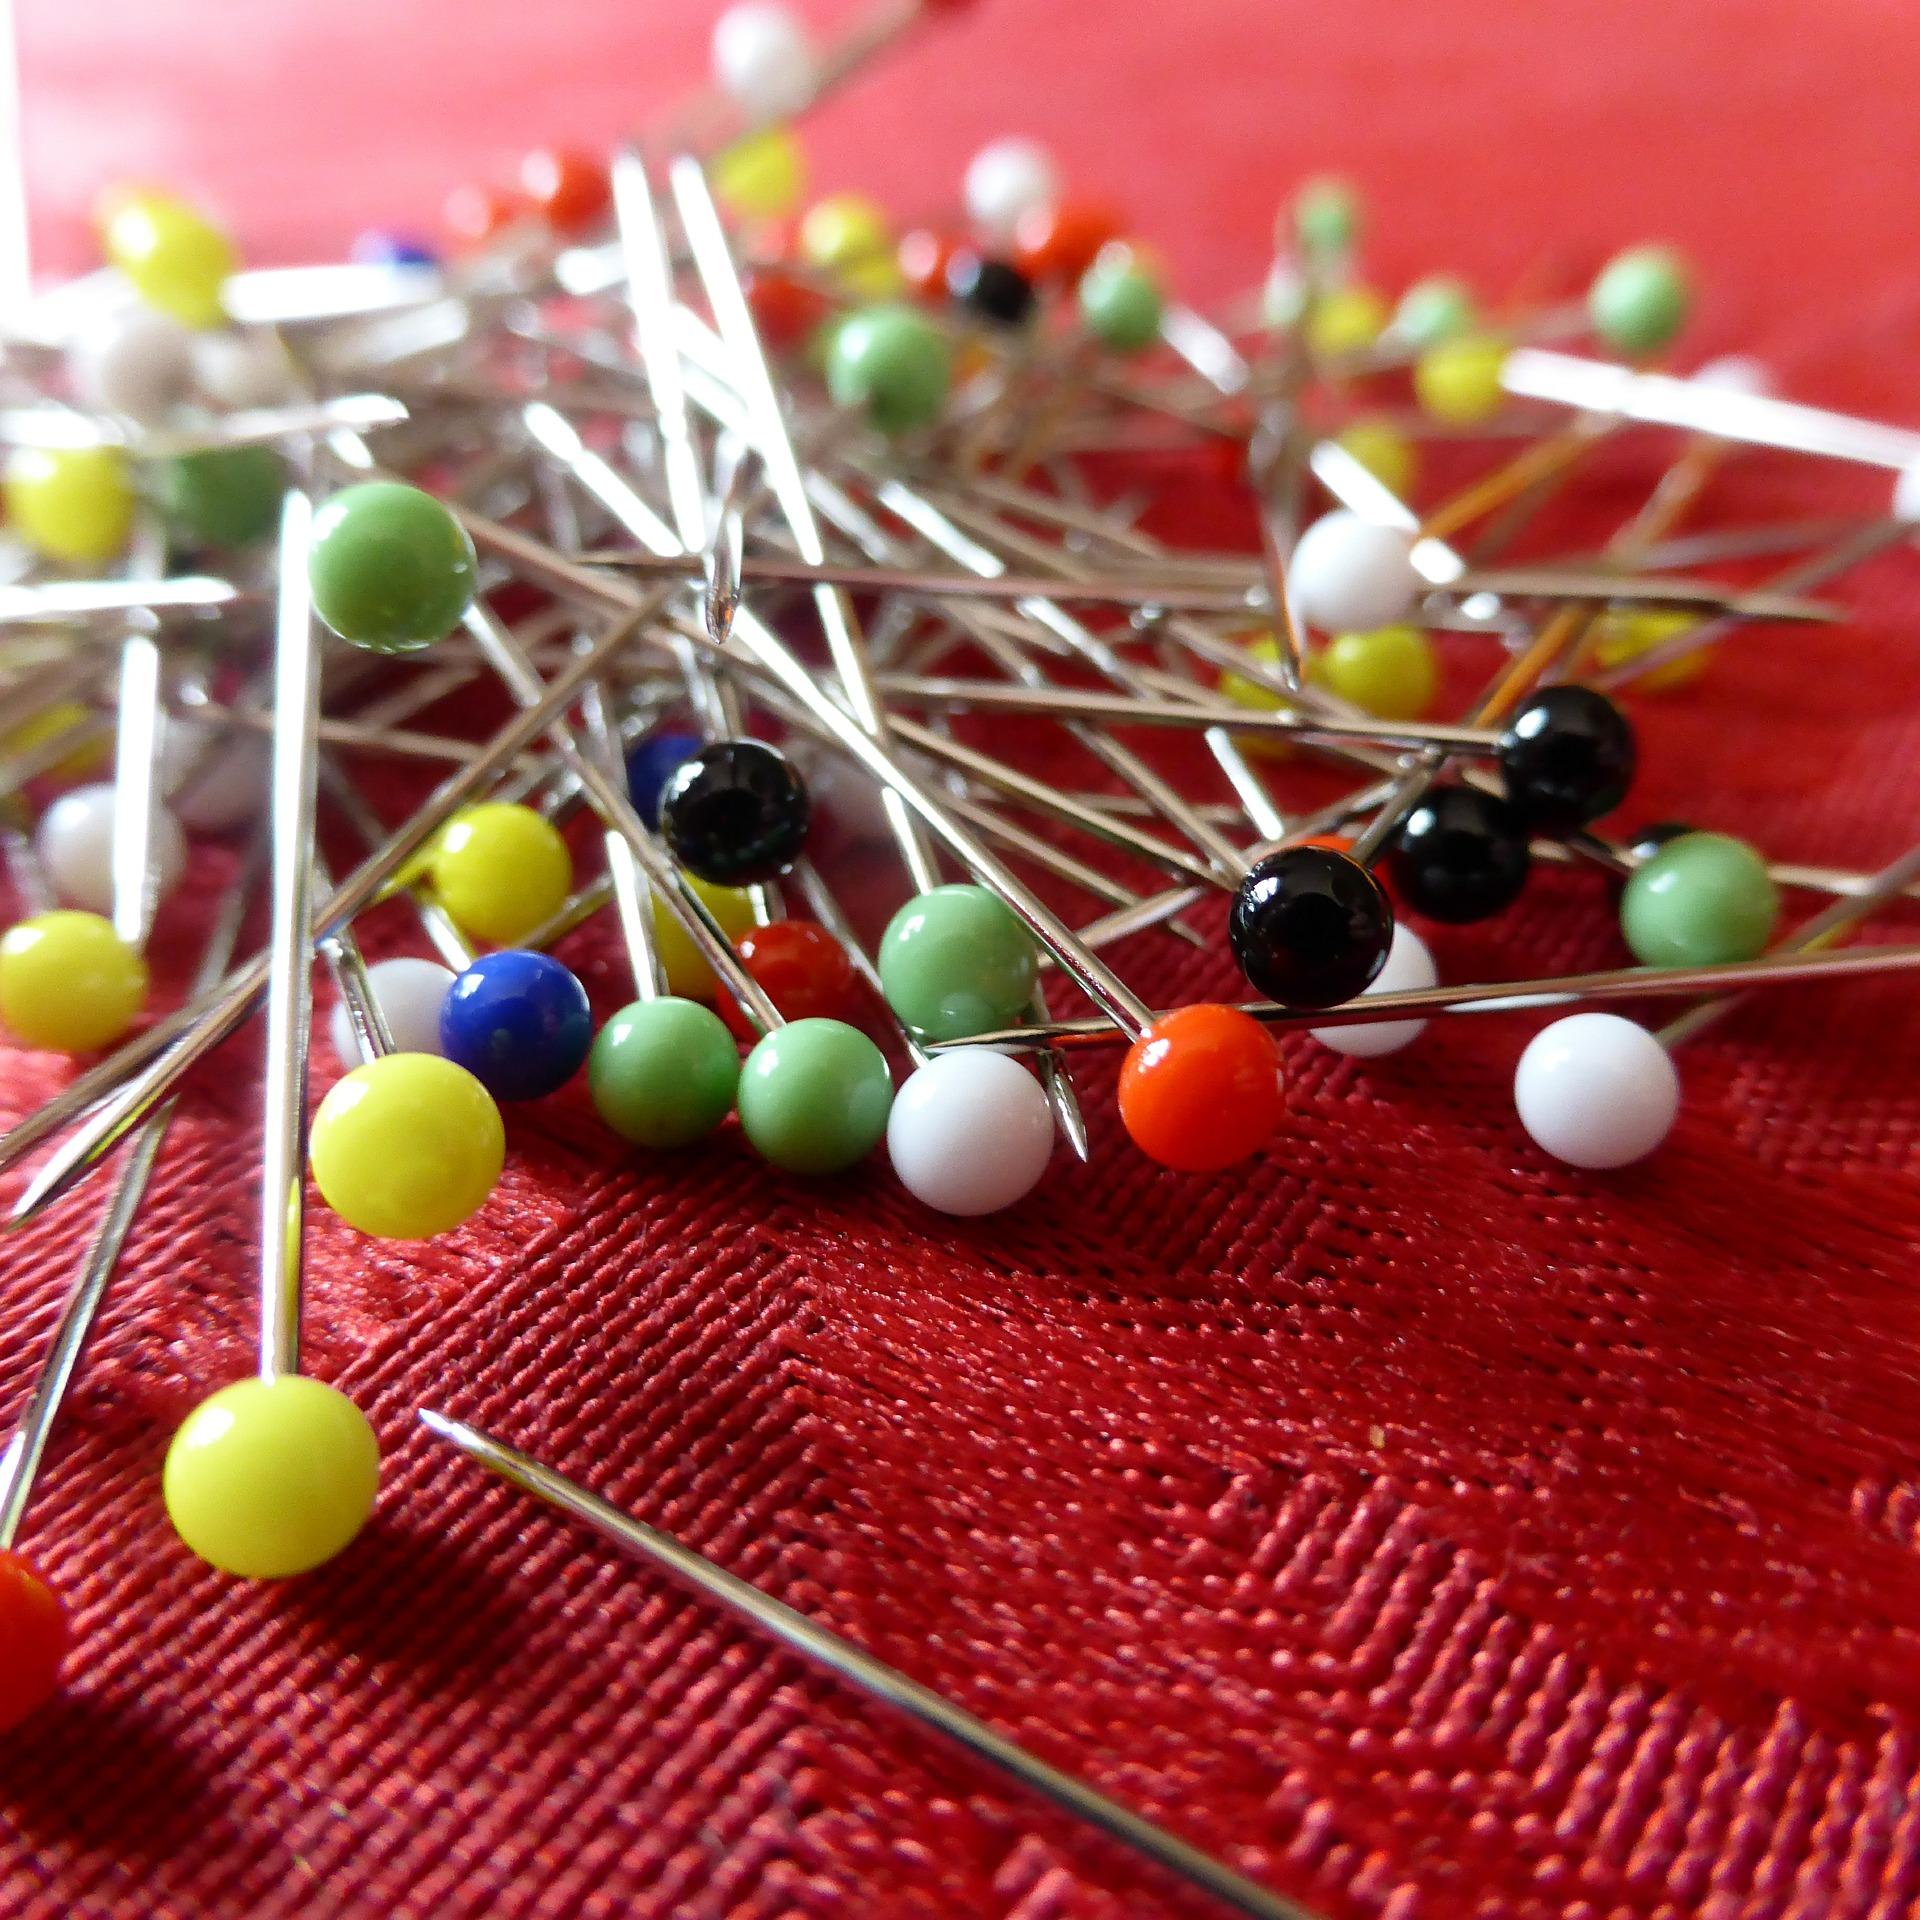 Neues Hobby Nähen - Bunte Stecknadeln laden zum Feststecken deiner Stoffteile ein!